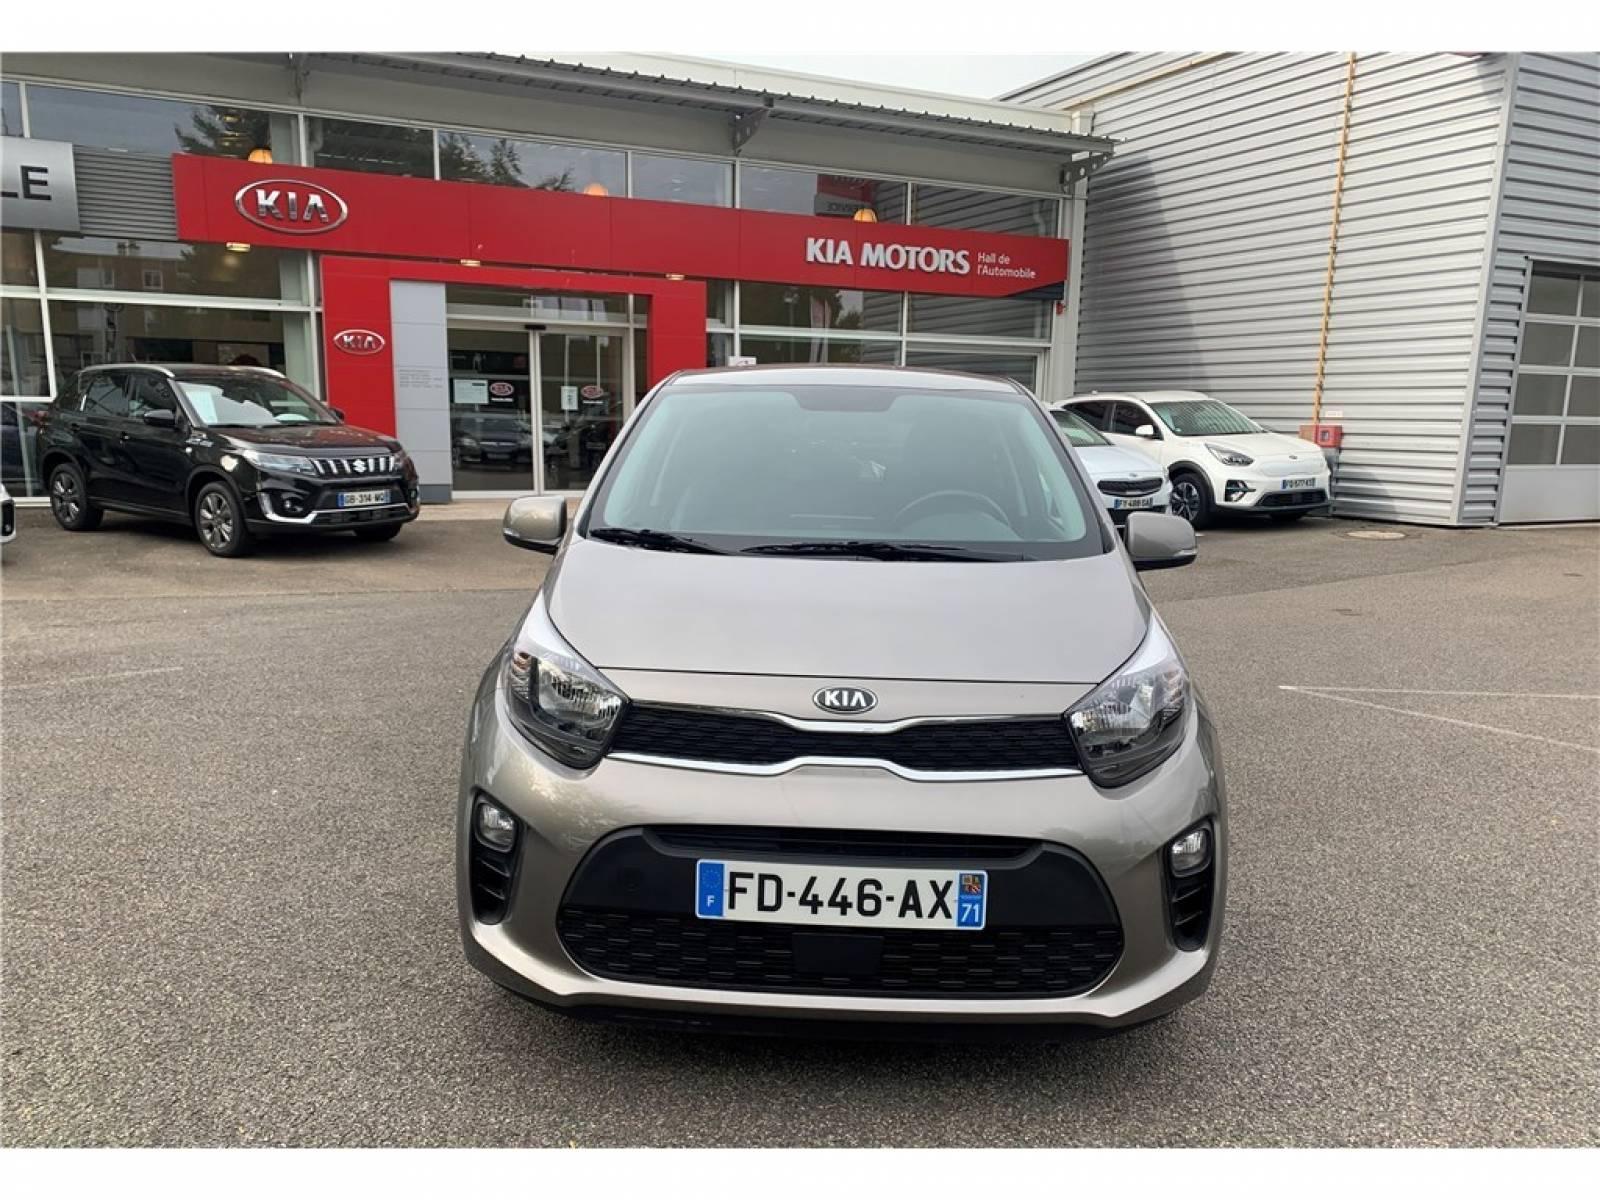 KIA Picanto 1.0 essence MPi 67 ch BVM5 - véhicule d'occasion - Groupe Guillet - Hall de l'automobile - Montceau les Mines - 71300 - Montceau-les-Mines - 2